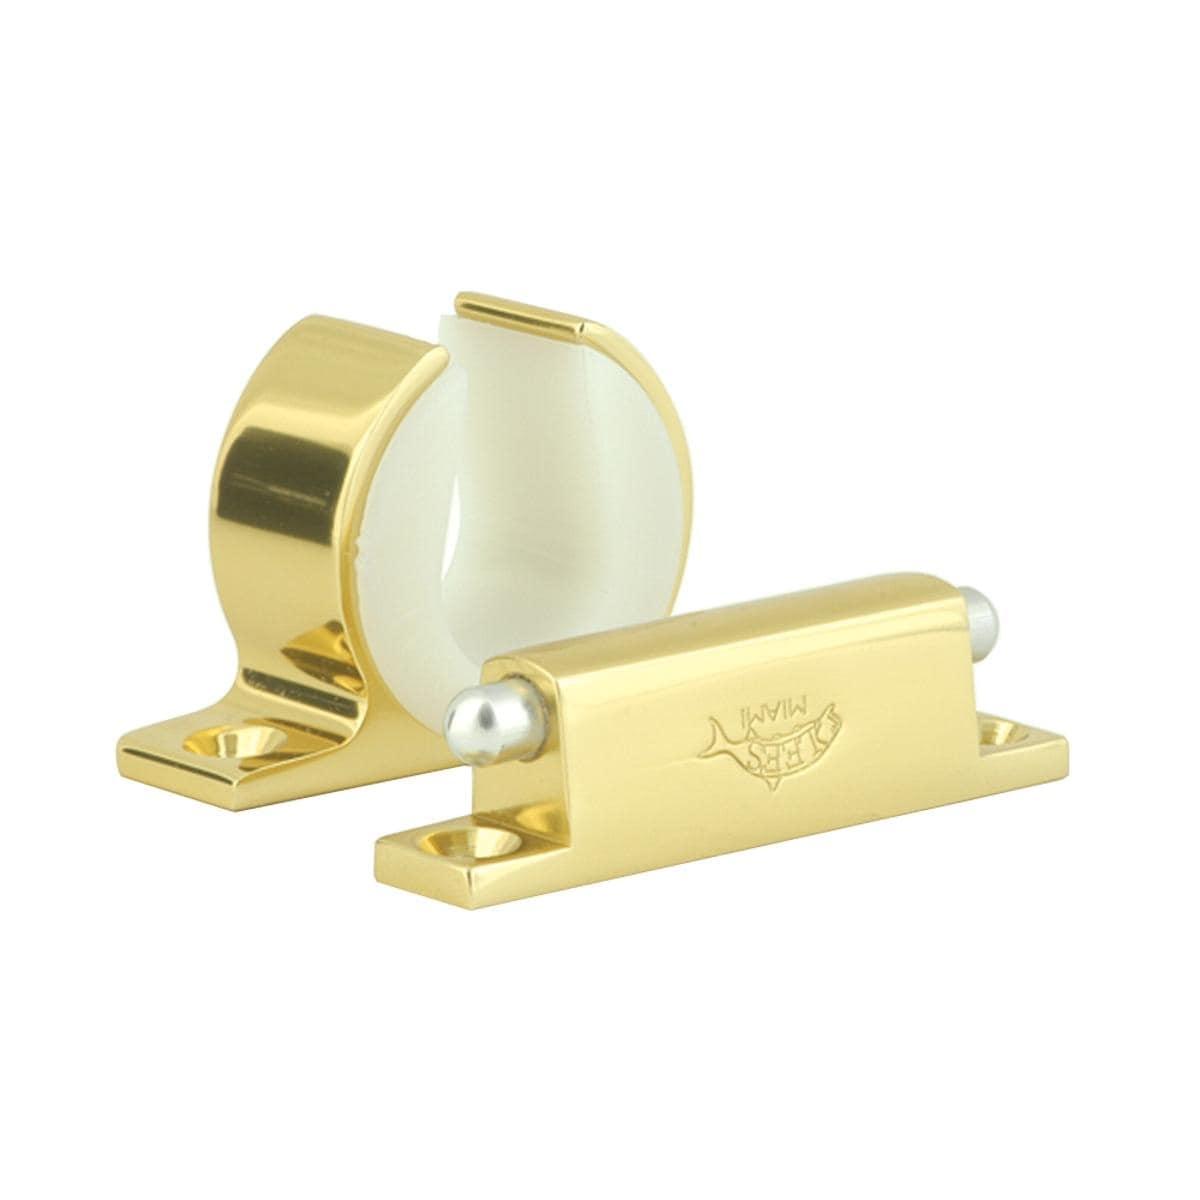 Lees Rod And Reel Hanger Set - Avet 30W - Bright Gold - MC0075-9001 -  Overstock